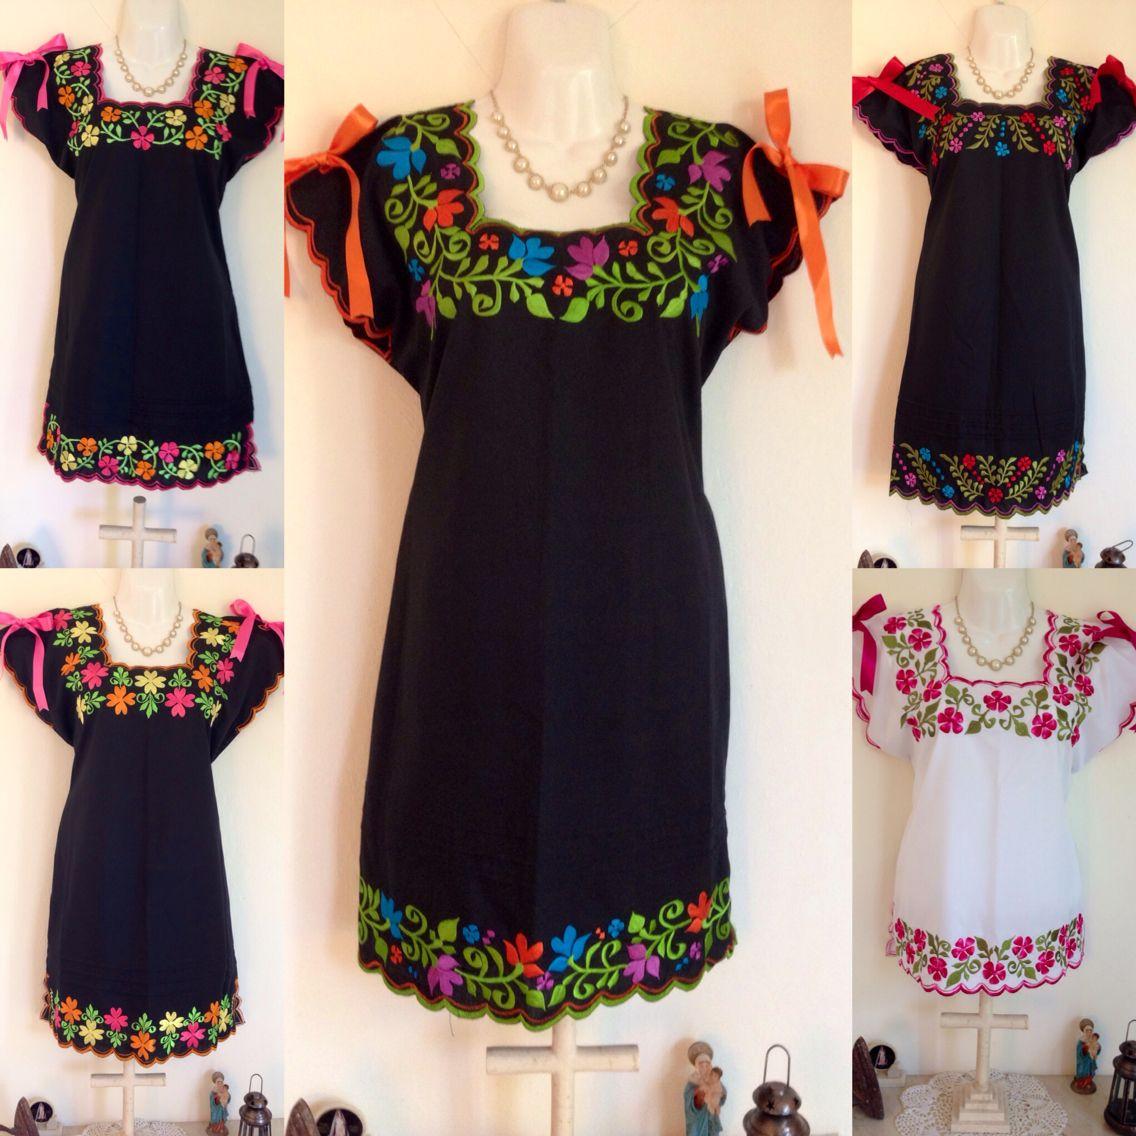 c165726ecb Vestidos bordados yucatecos. Itzamara fanpage